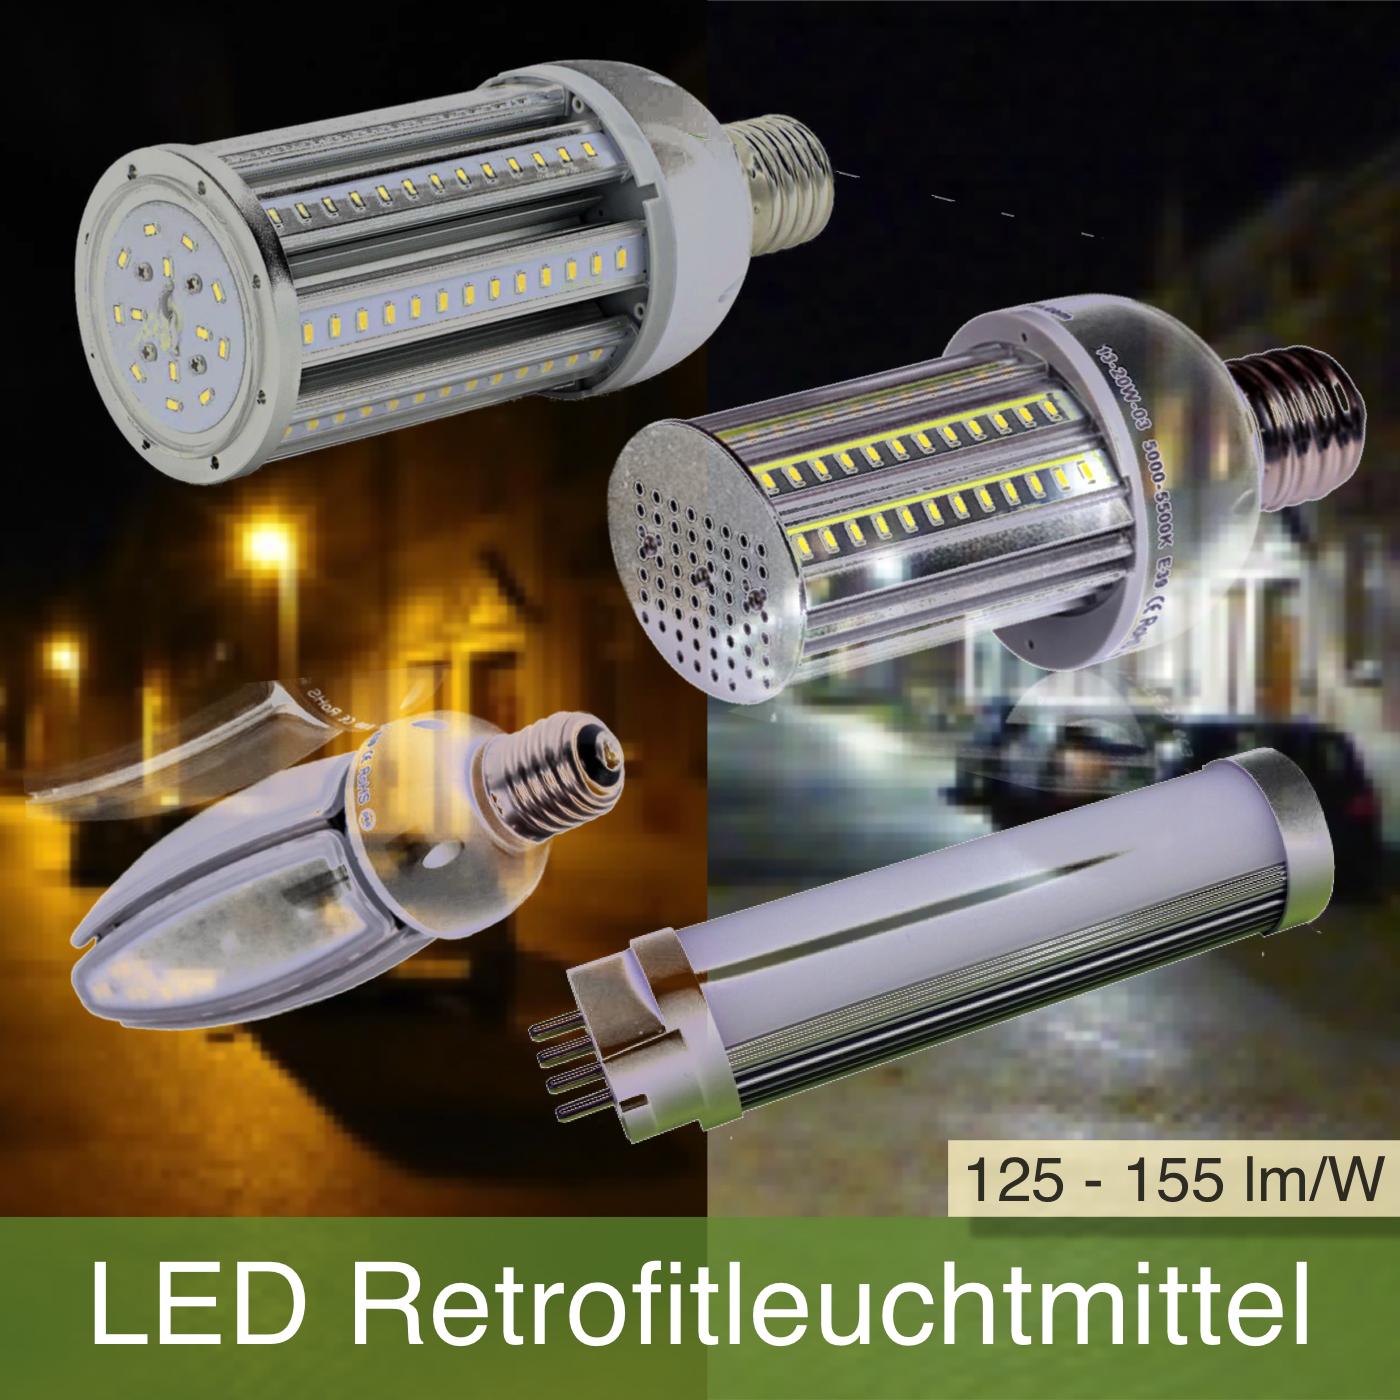 LED Retrofit Leuchtmittel